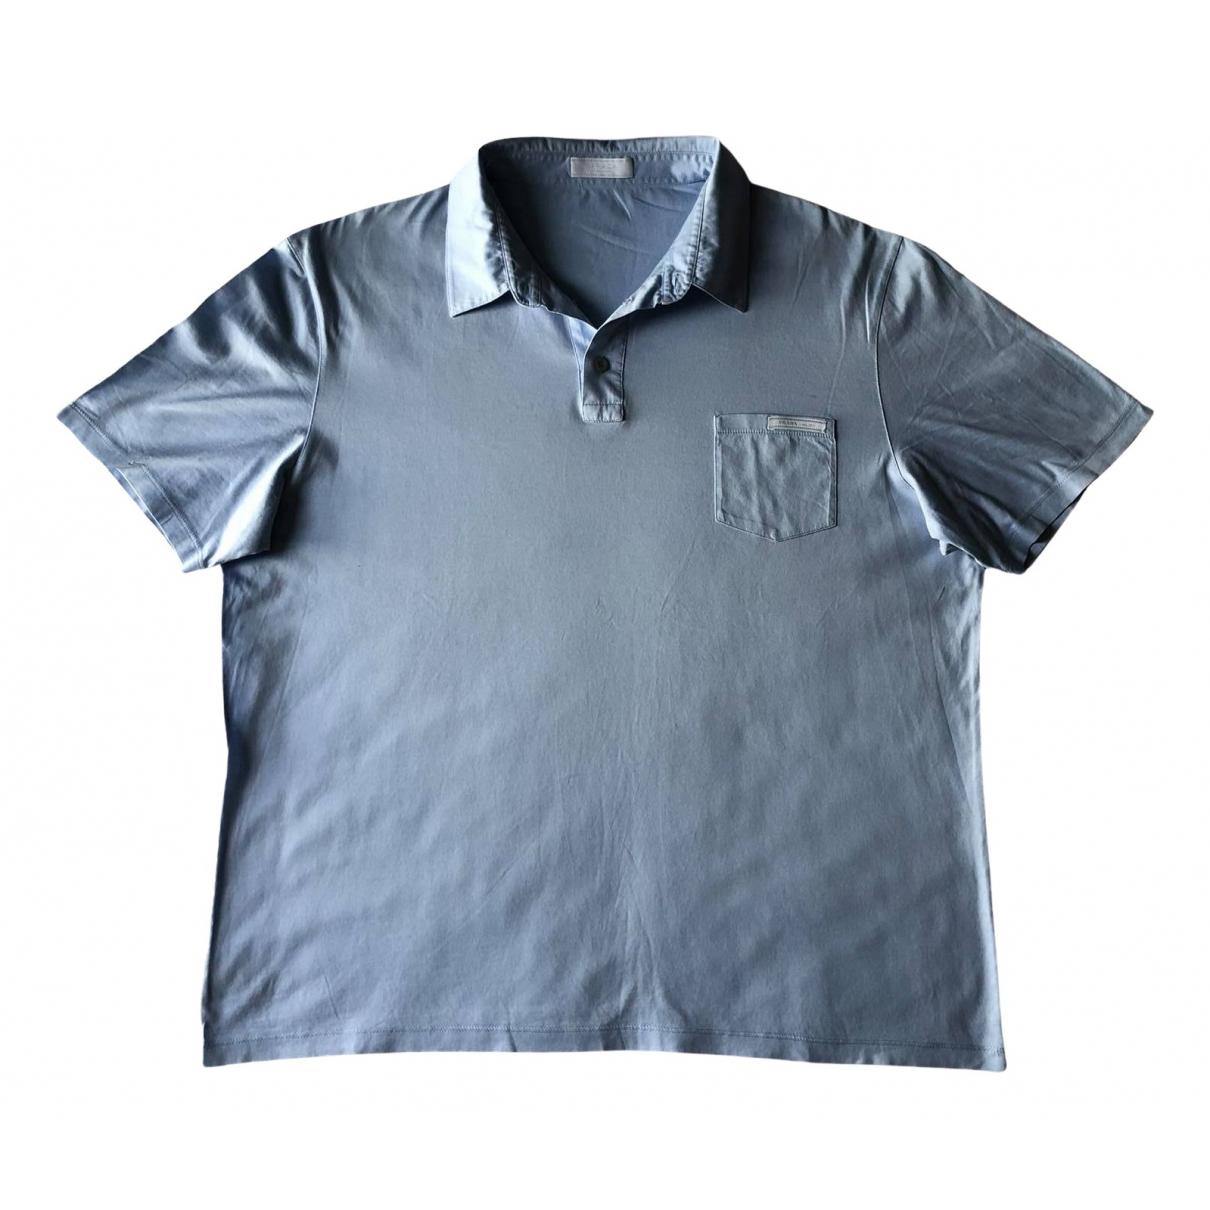 Prada - Tee shirts   pour homme en coton - bleu